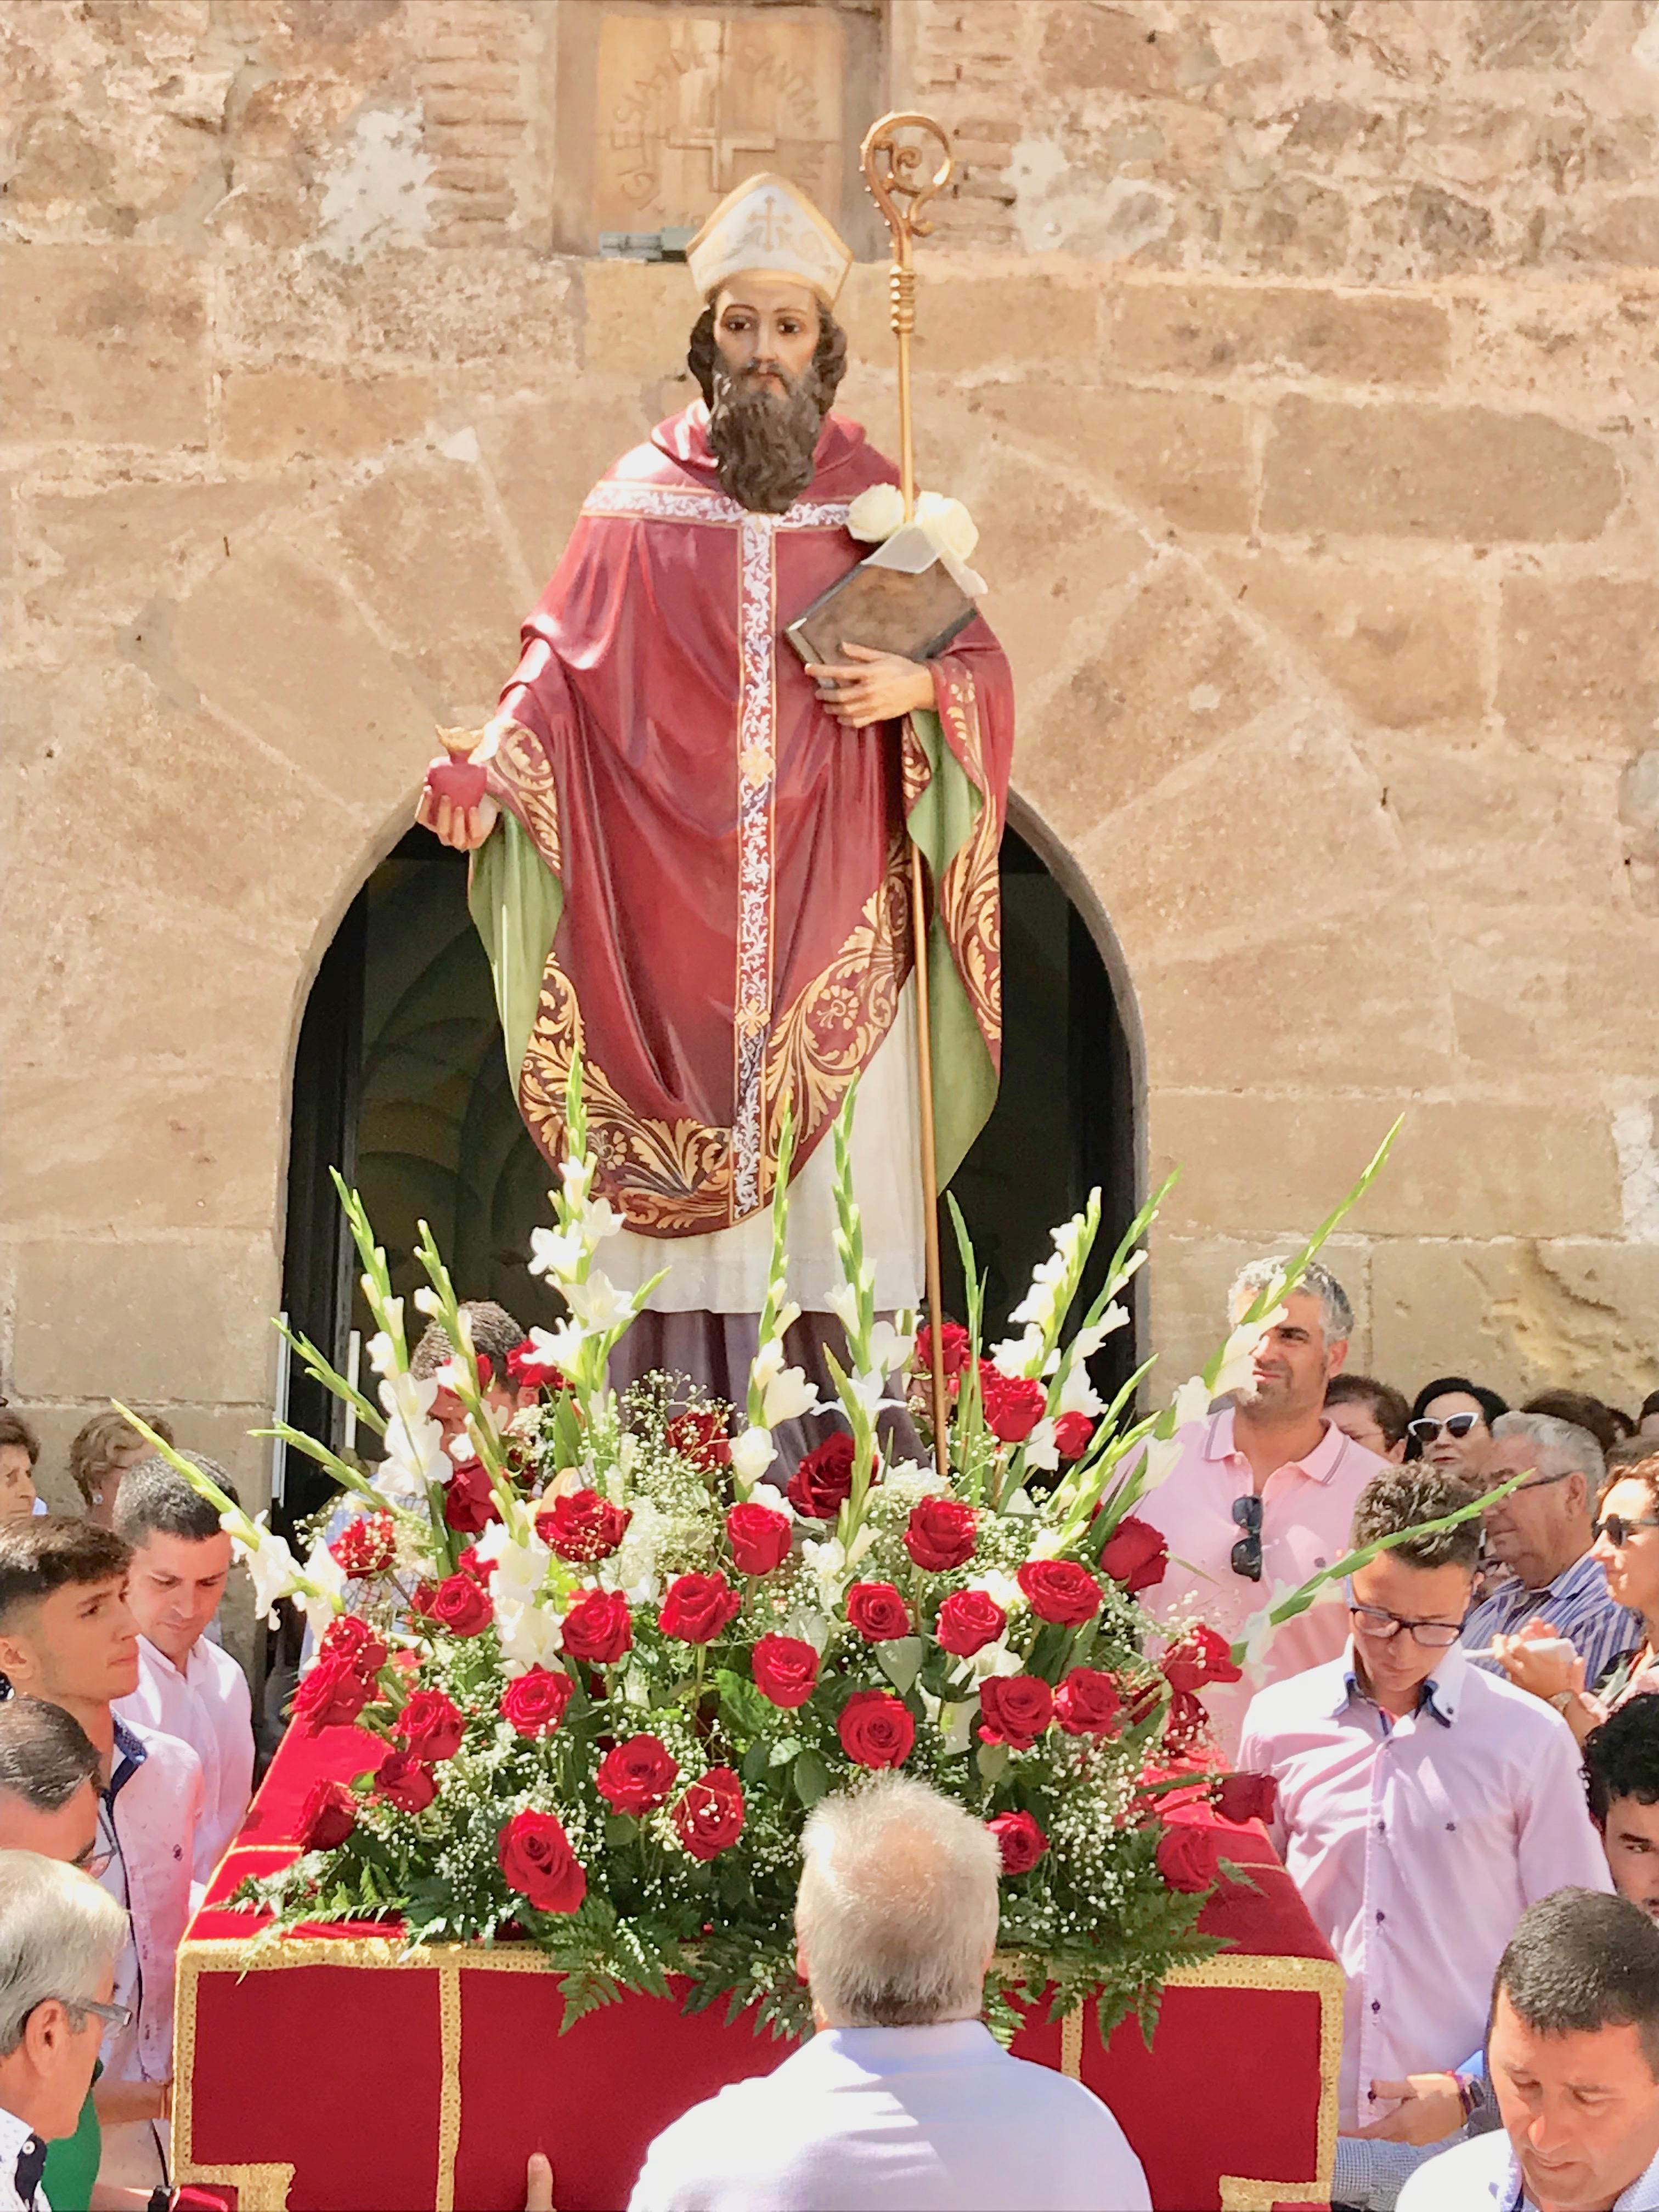 Mojácar's San Agustín fiesta ends on a high note